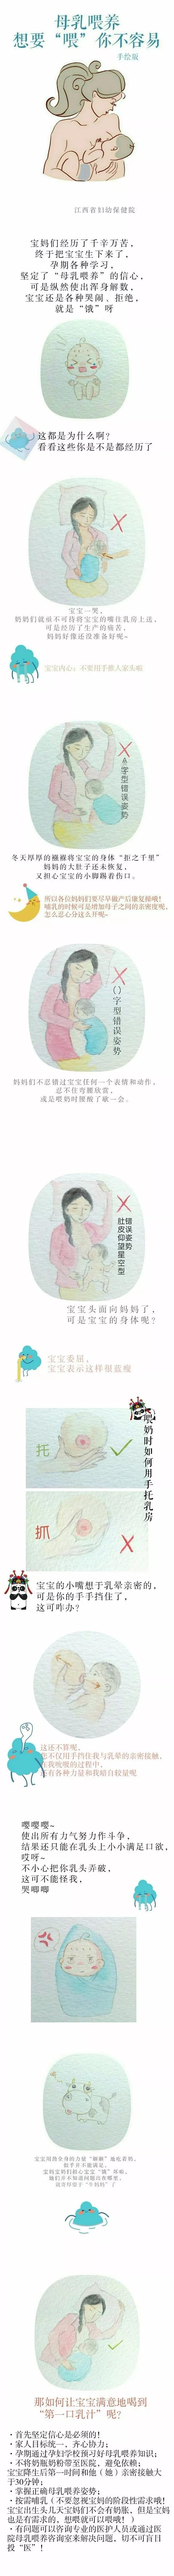 """江西省妇幼保健院:""""手绘宝典""""详解母乳喂养误区"""